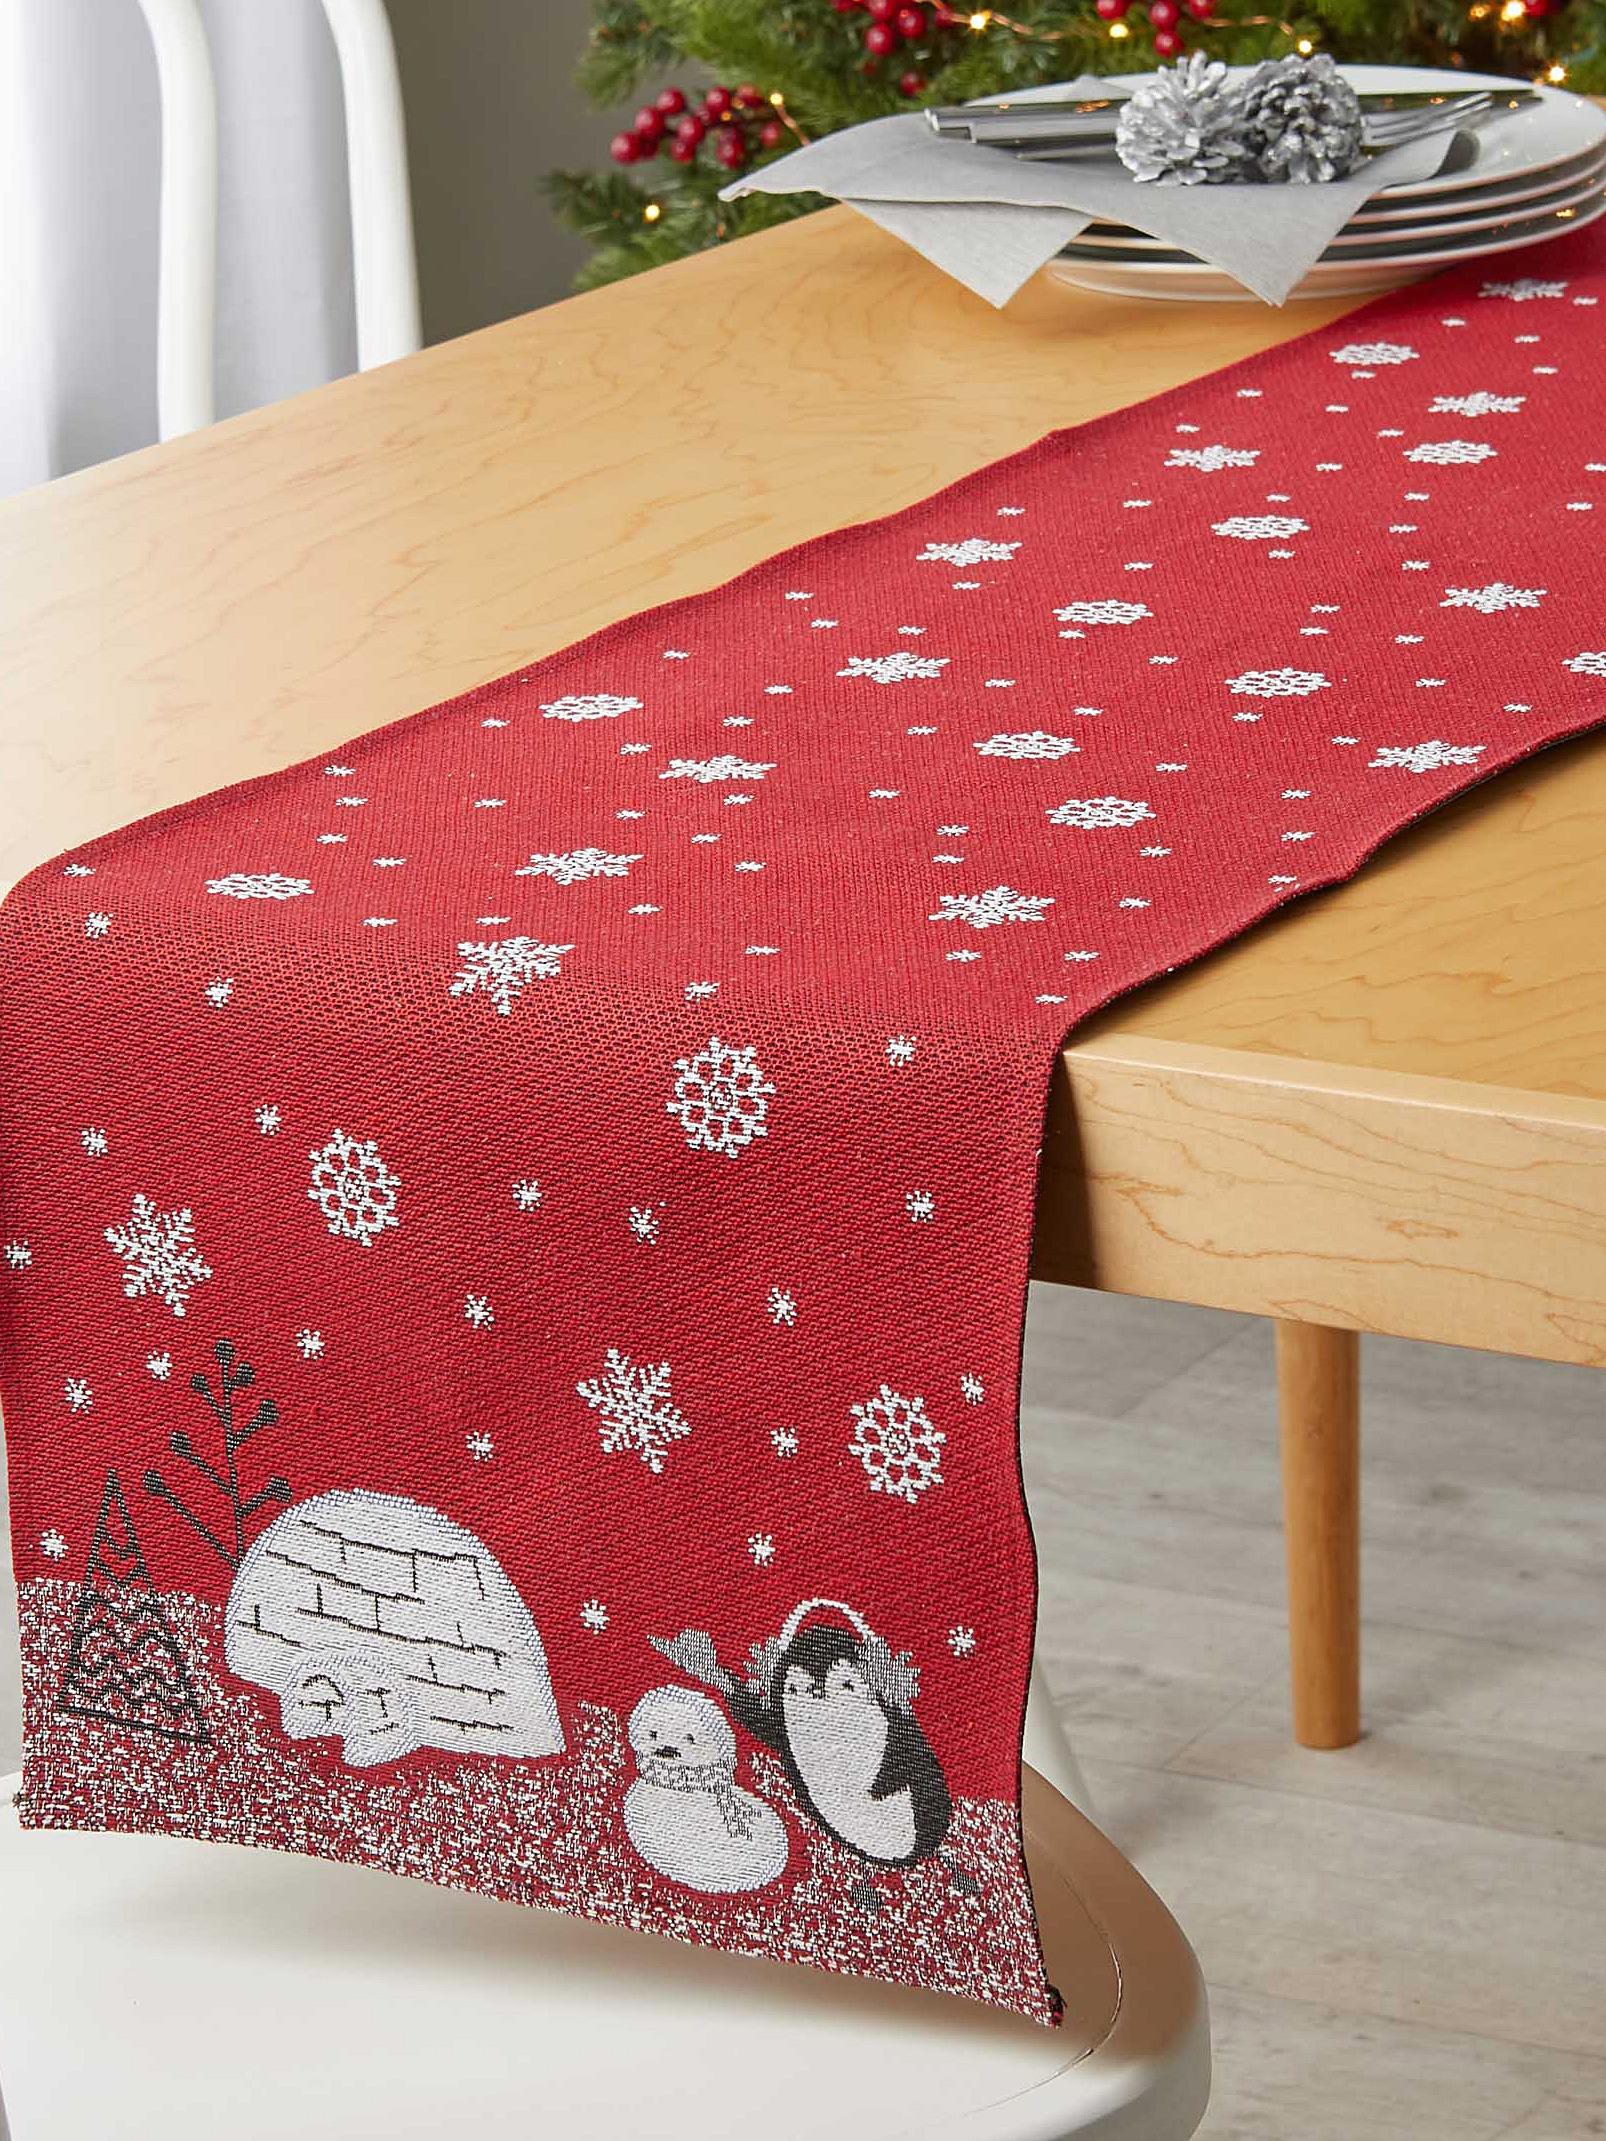 《Simons Maison》2018秋冬圣诞节主题桌布系列Lookbook